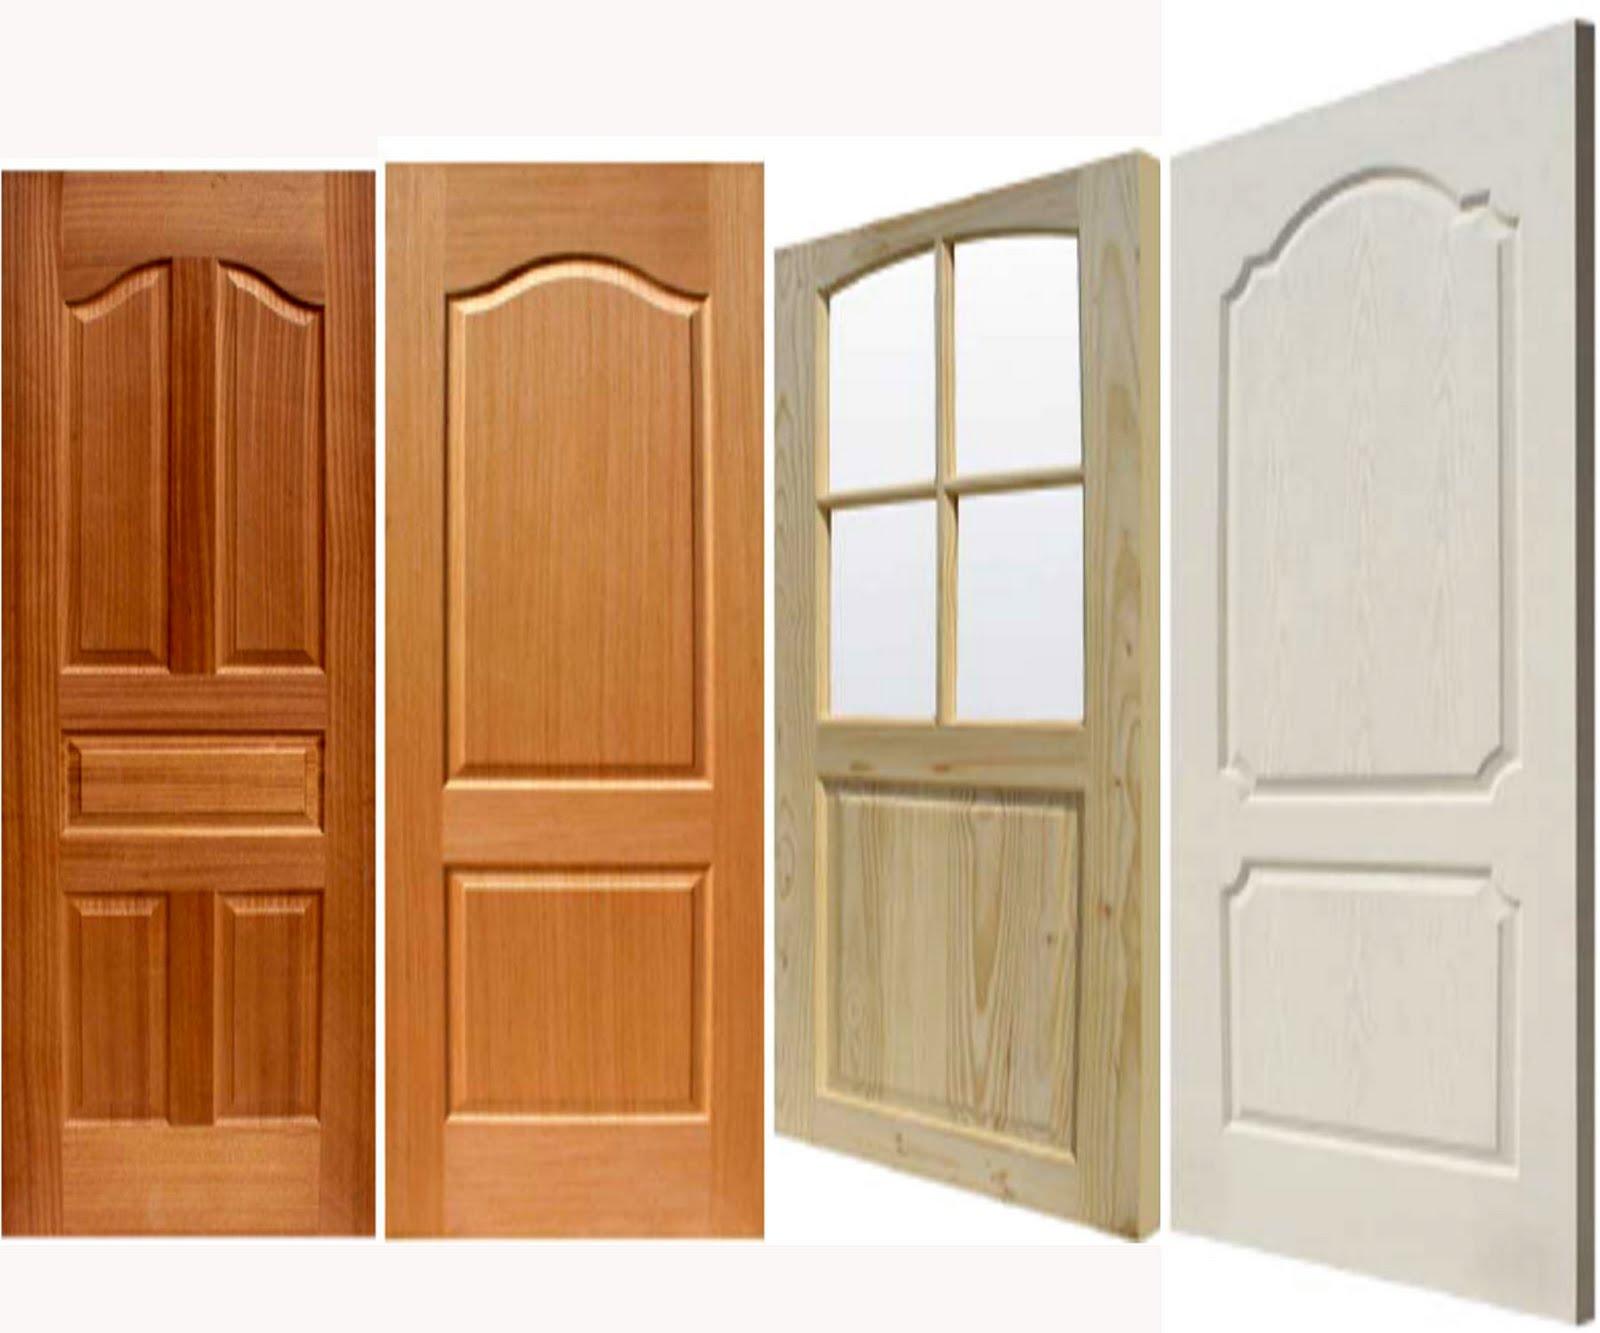 Puertas levadizas for Fabrica de puertas en villacanas